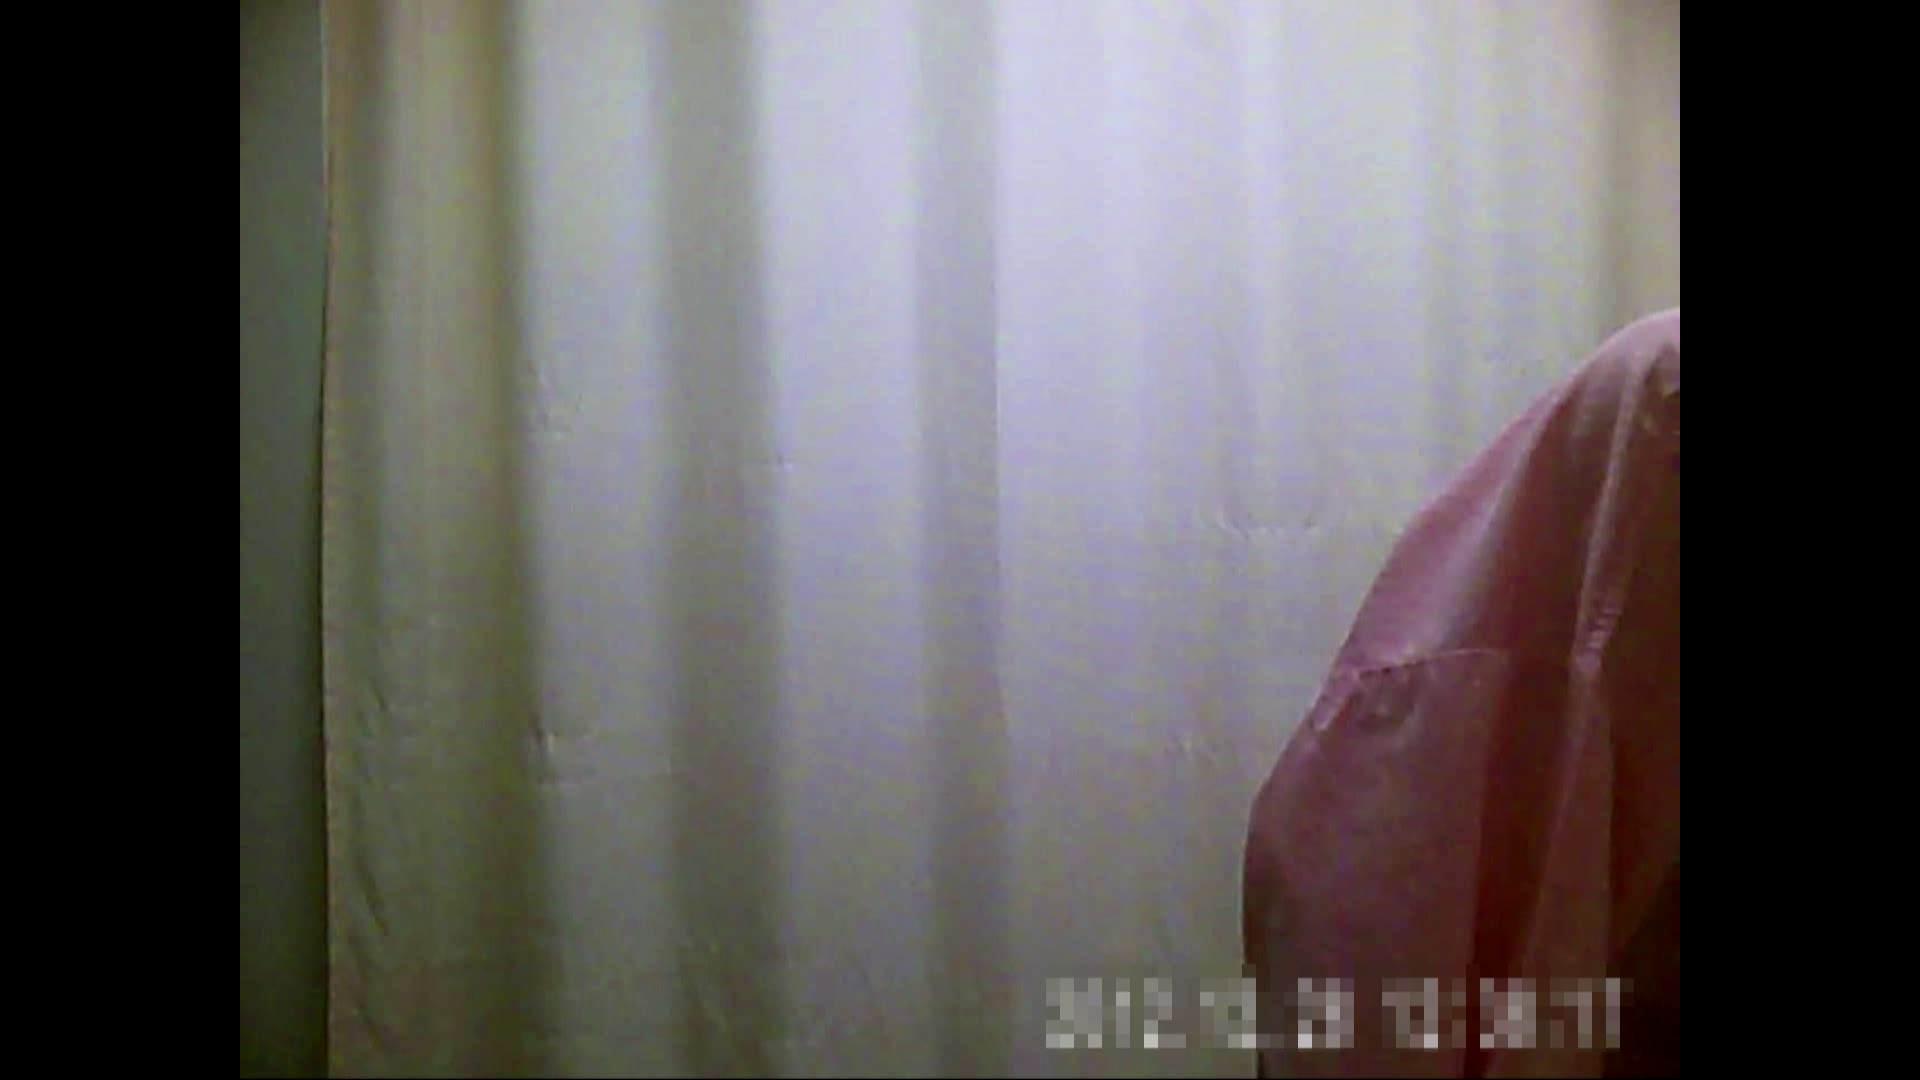 元医者による反抗 更衣室地獄絵巻 vol.110 OL | 0  83連発 61